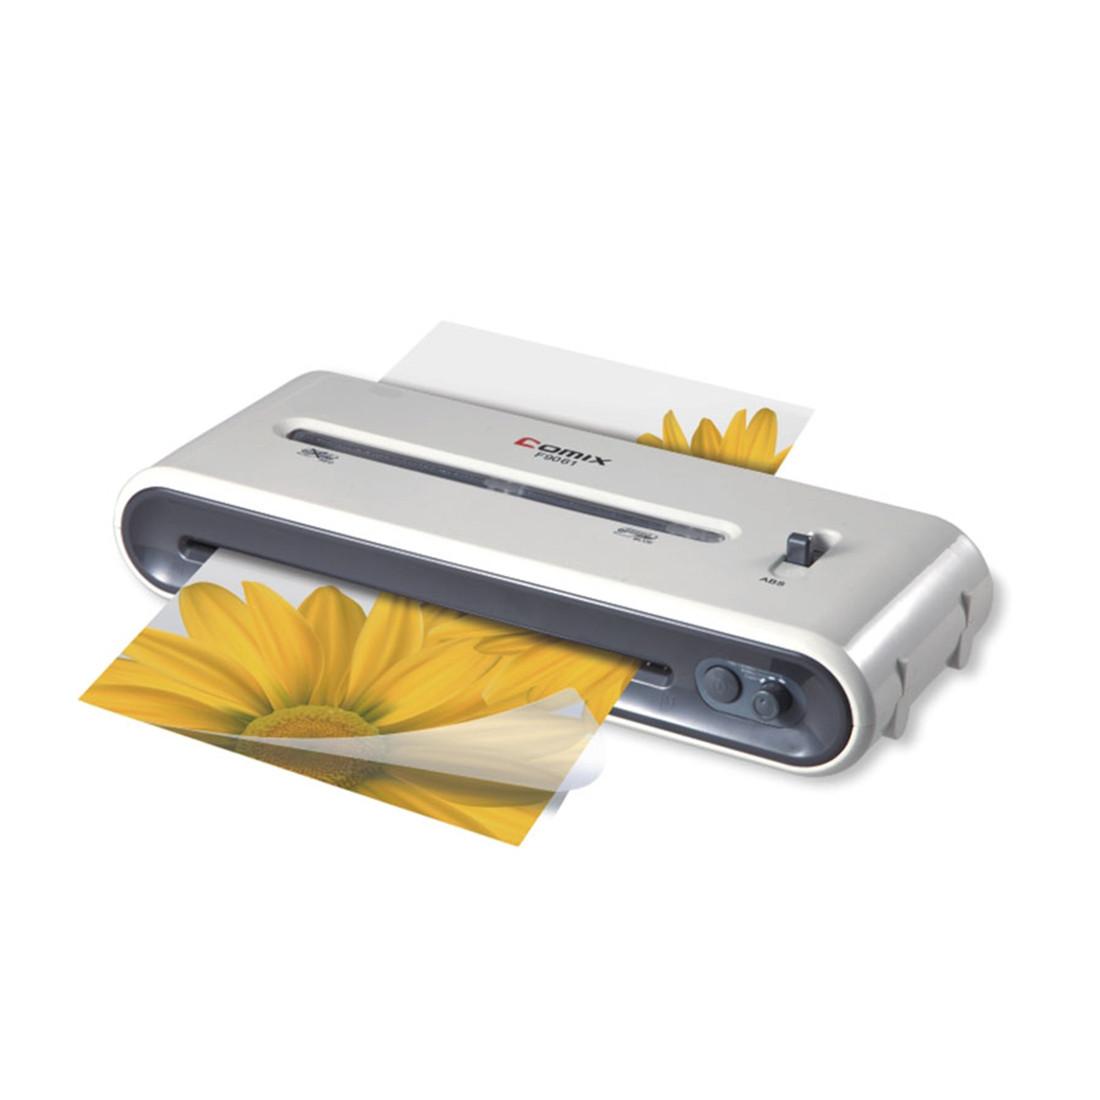 COMIX, F9061, Ламинатор А4 рекламных материалов, фотографии, грамоты, рисунки, открытки, визитки